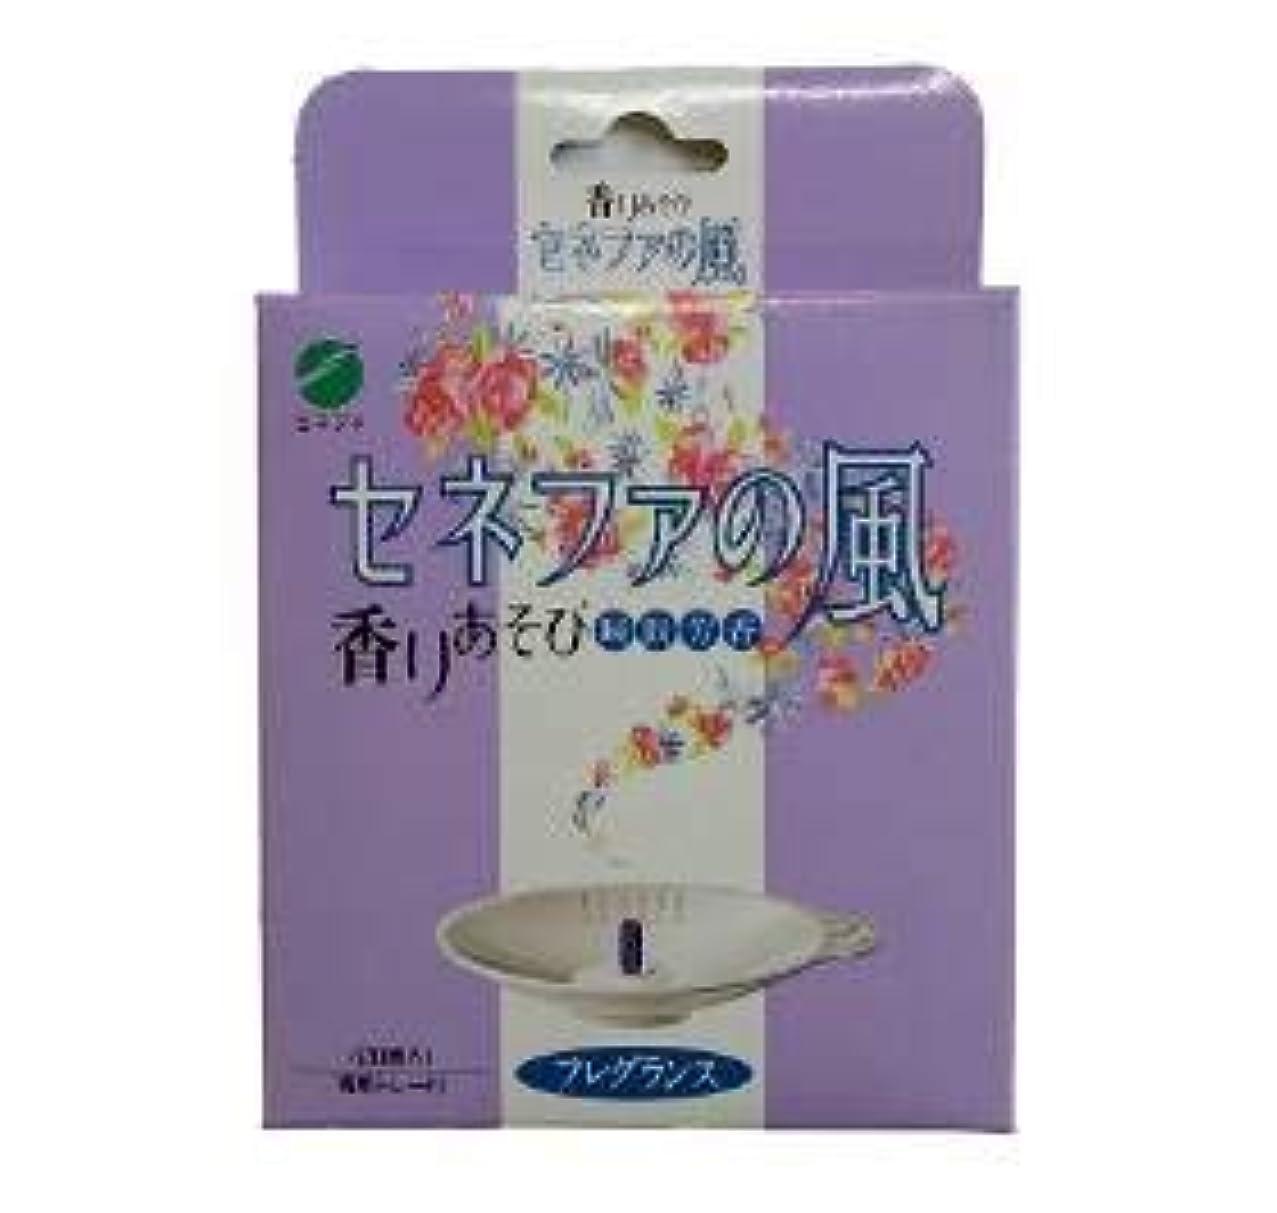 クック句丘せんねん灸 セネファの風 フレグランス(お香)(20香入)